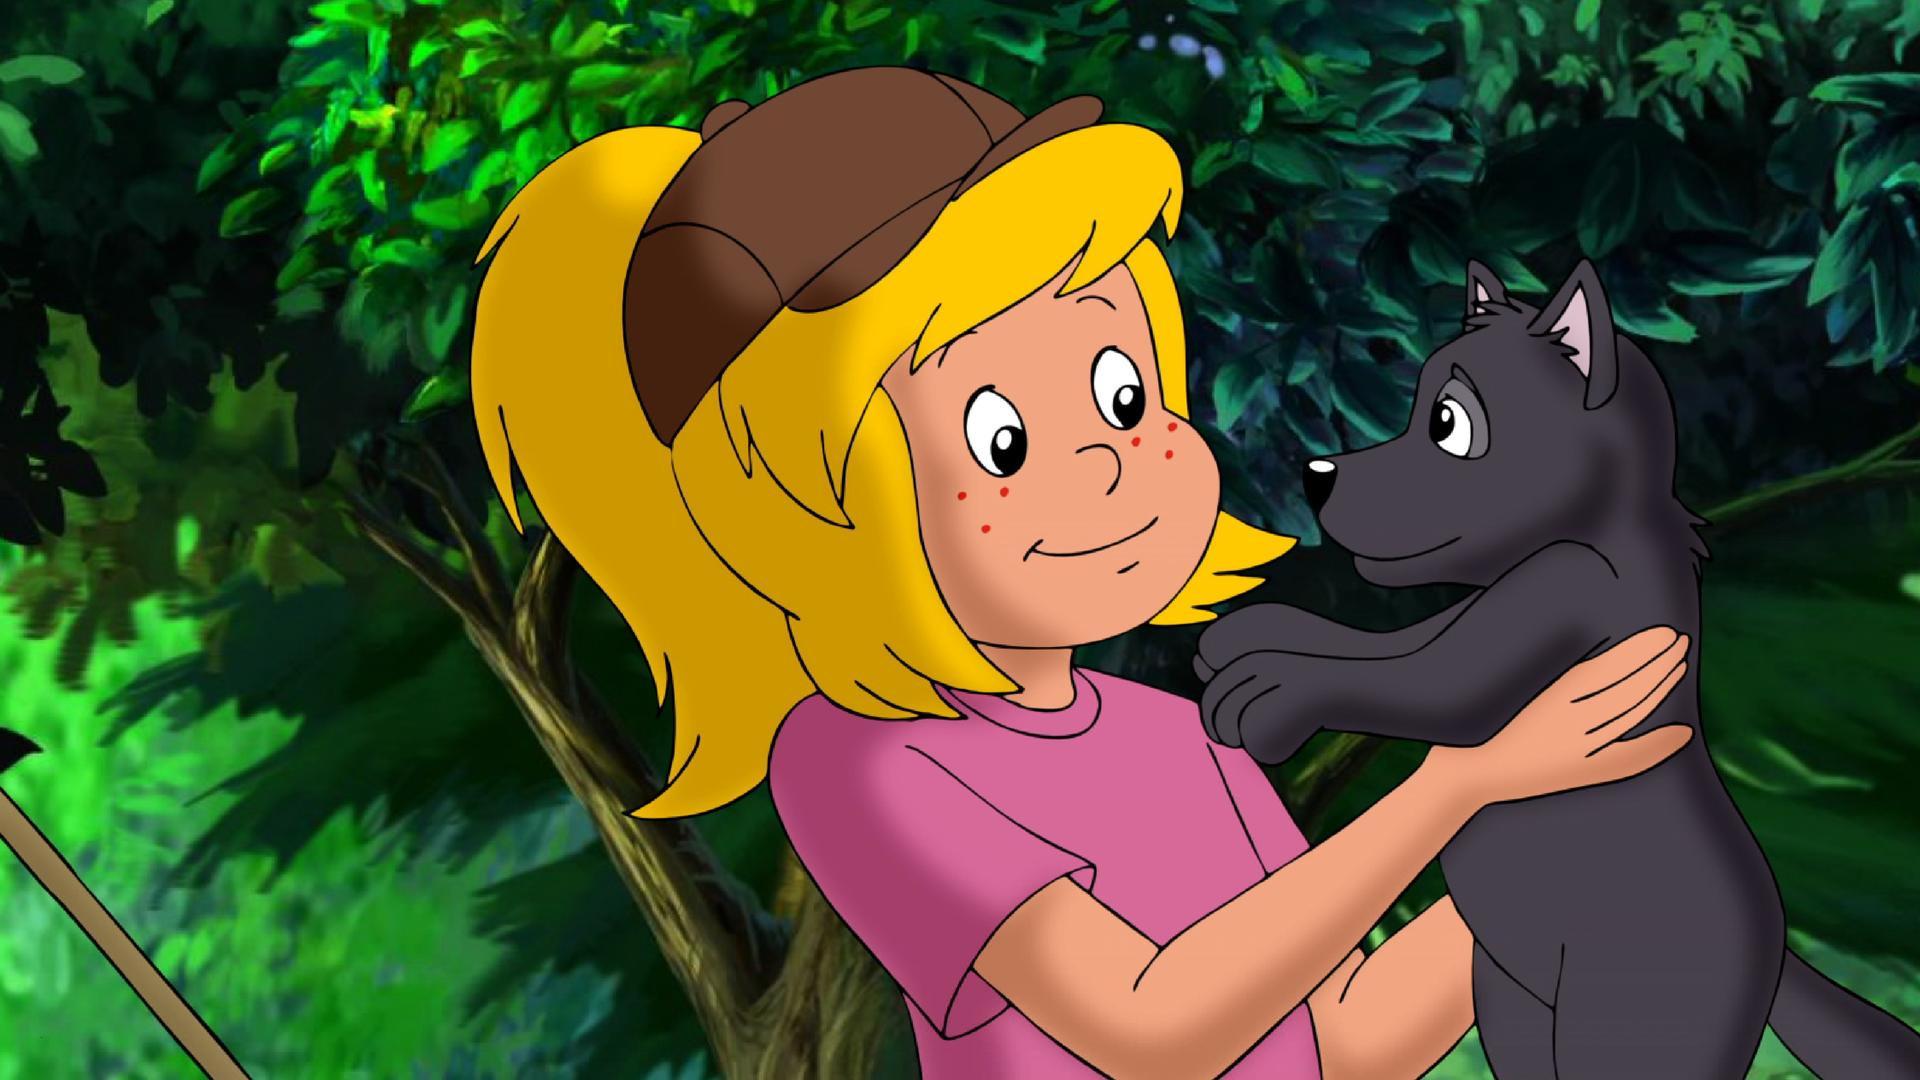 Ausmalbild Bibi Und Tina Auf Amadeus Und Sabrina Einzigartig Neu Bibi Und Tina Auf Amadeus Und Sabrina Ausmalbilder Schön Bibi Das Bild